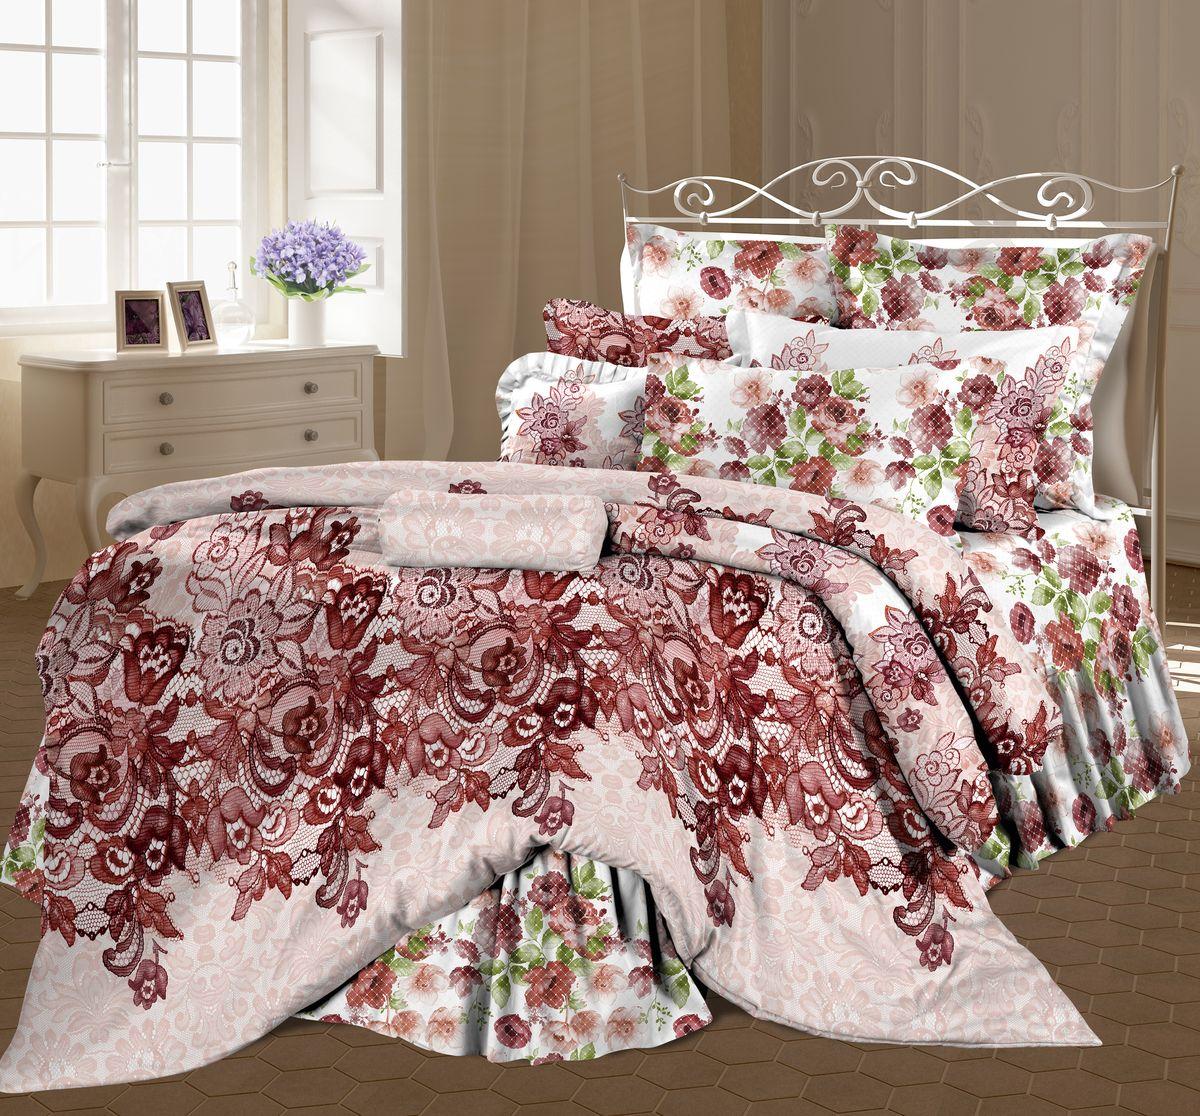 Комплект белья Романтика Ажурная сказка, семейный, наволочки 70 x 70, цвет: бордовый. 319492319492